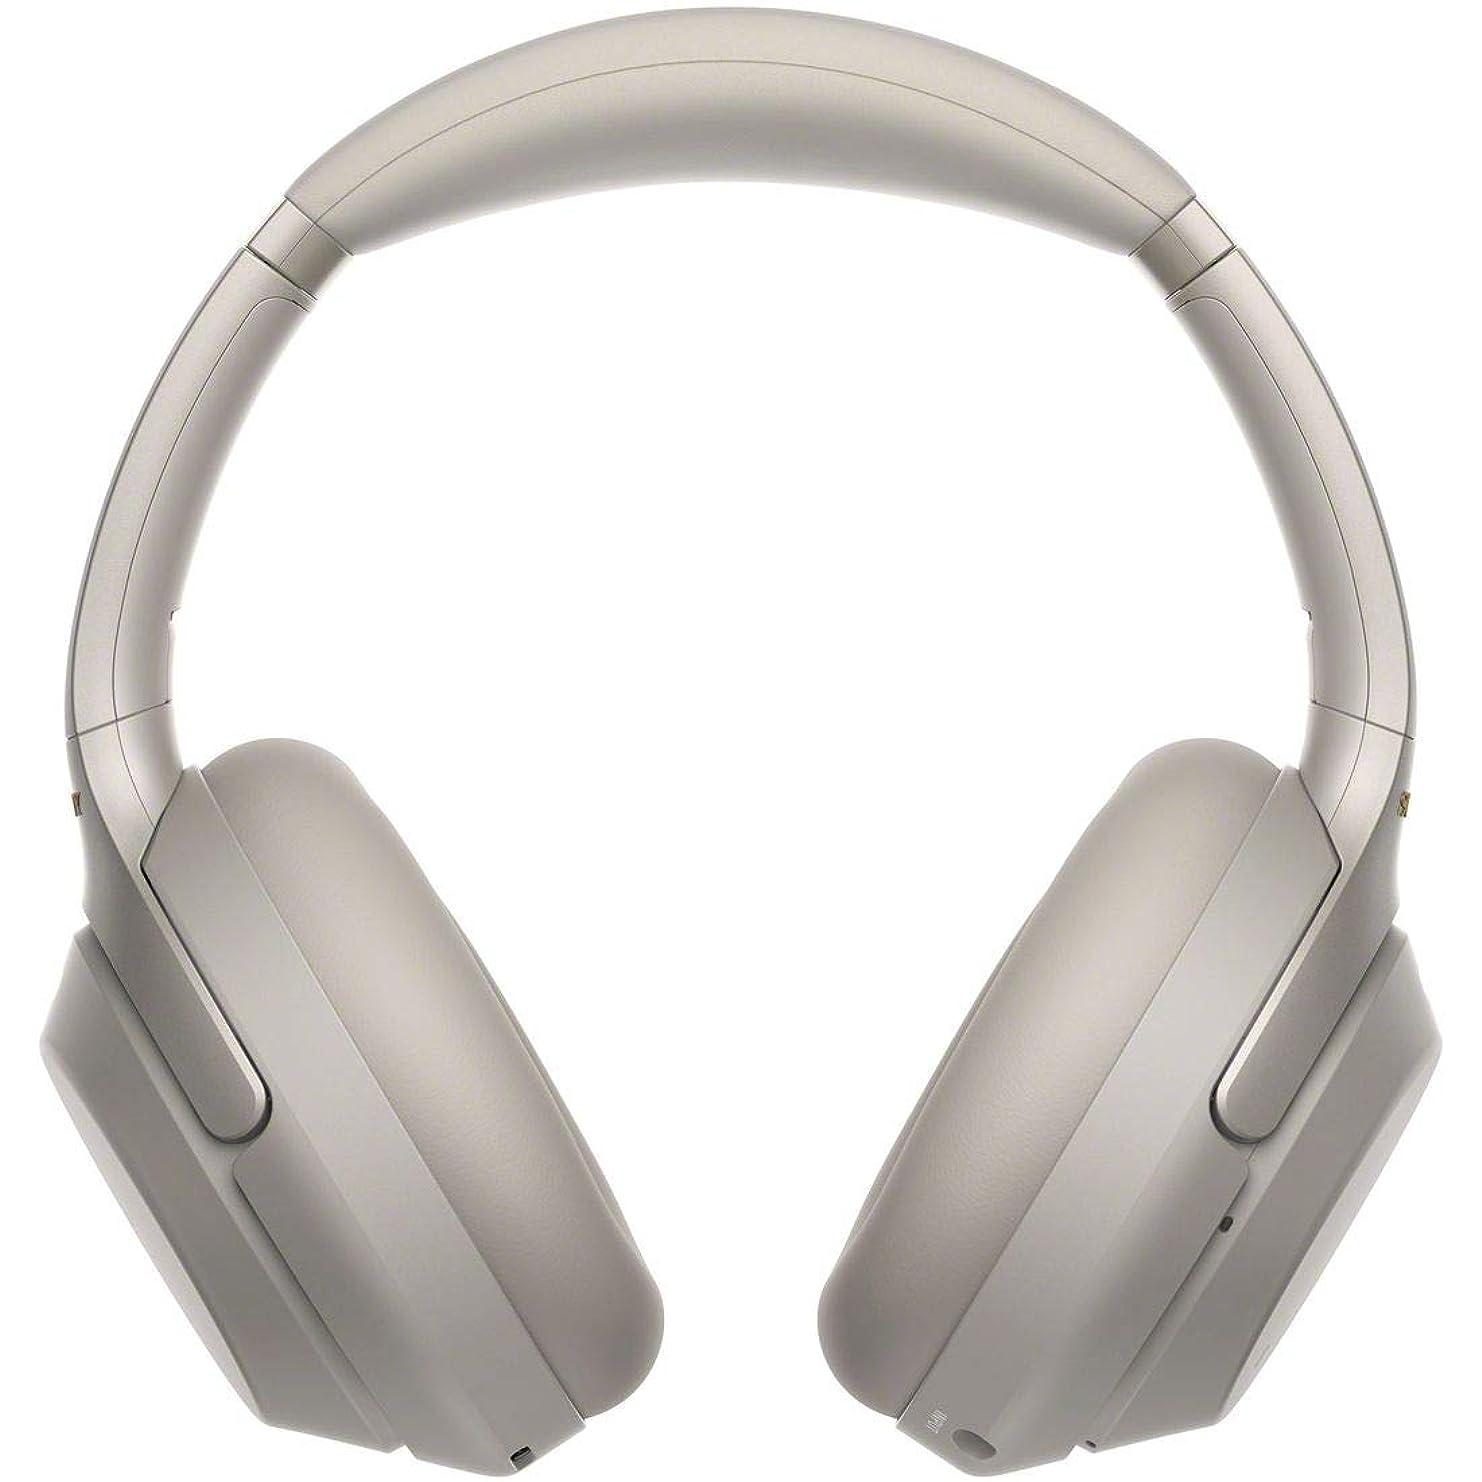 定常居間副Semiro Bluetooth イヤホン 高音質 ワイヤレスイヤホン IPx5防水 ヘッドセット 両耳 スポーツ マグネット ON/OFF搭載 人間工学 内蔵マイク ハンズフリー通話 ブルートゥース ヘッドホン iPhone Android 対応 (ブラック)